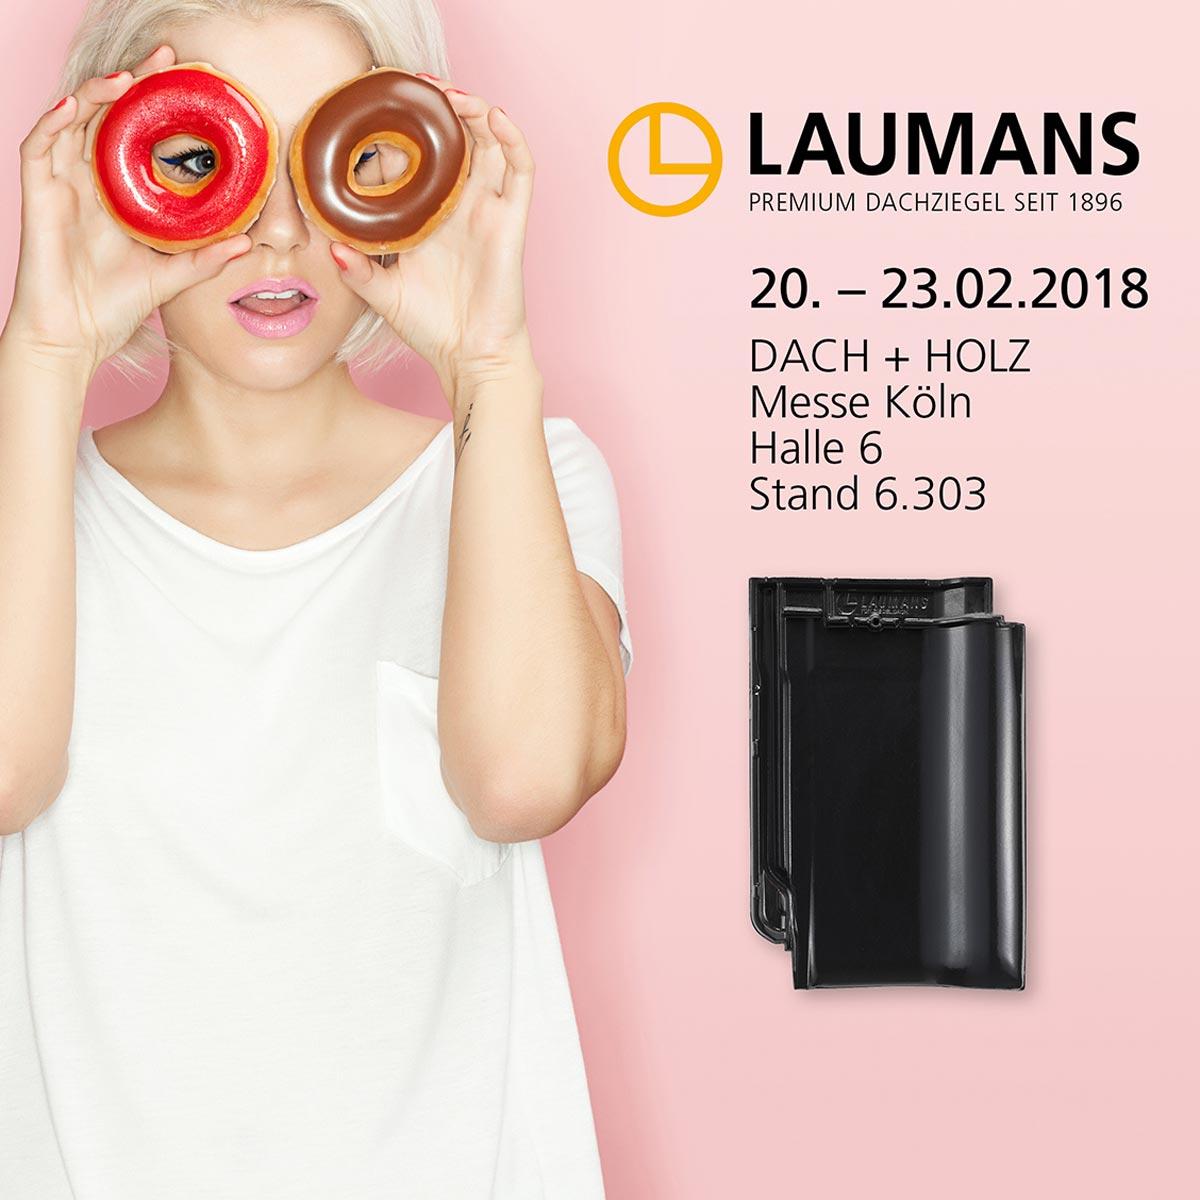 Laumans Dach + Holz 2018